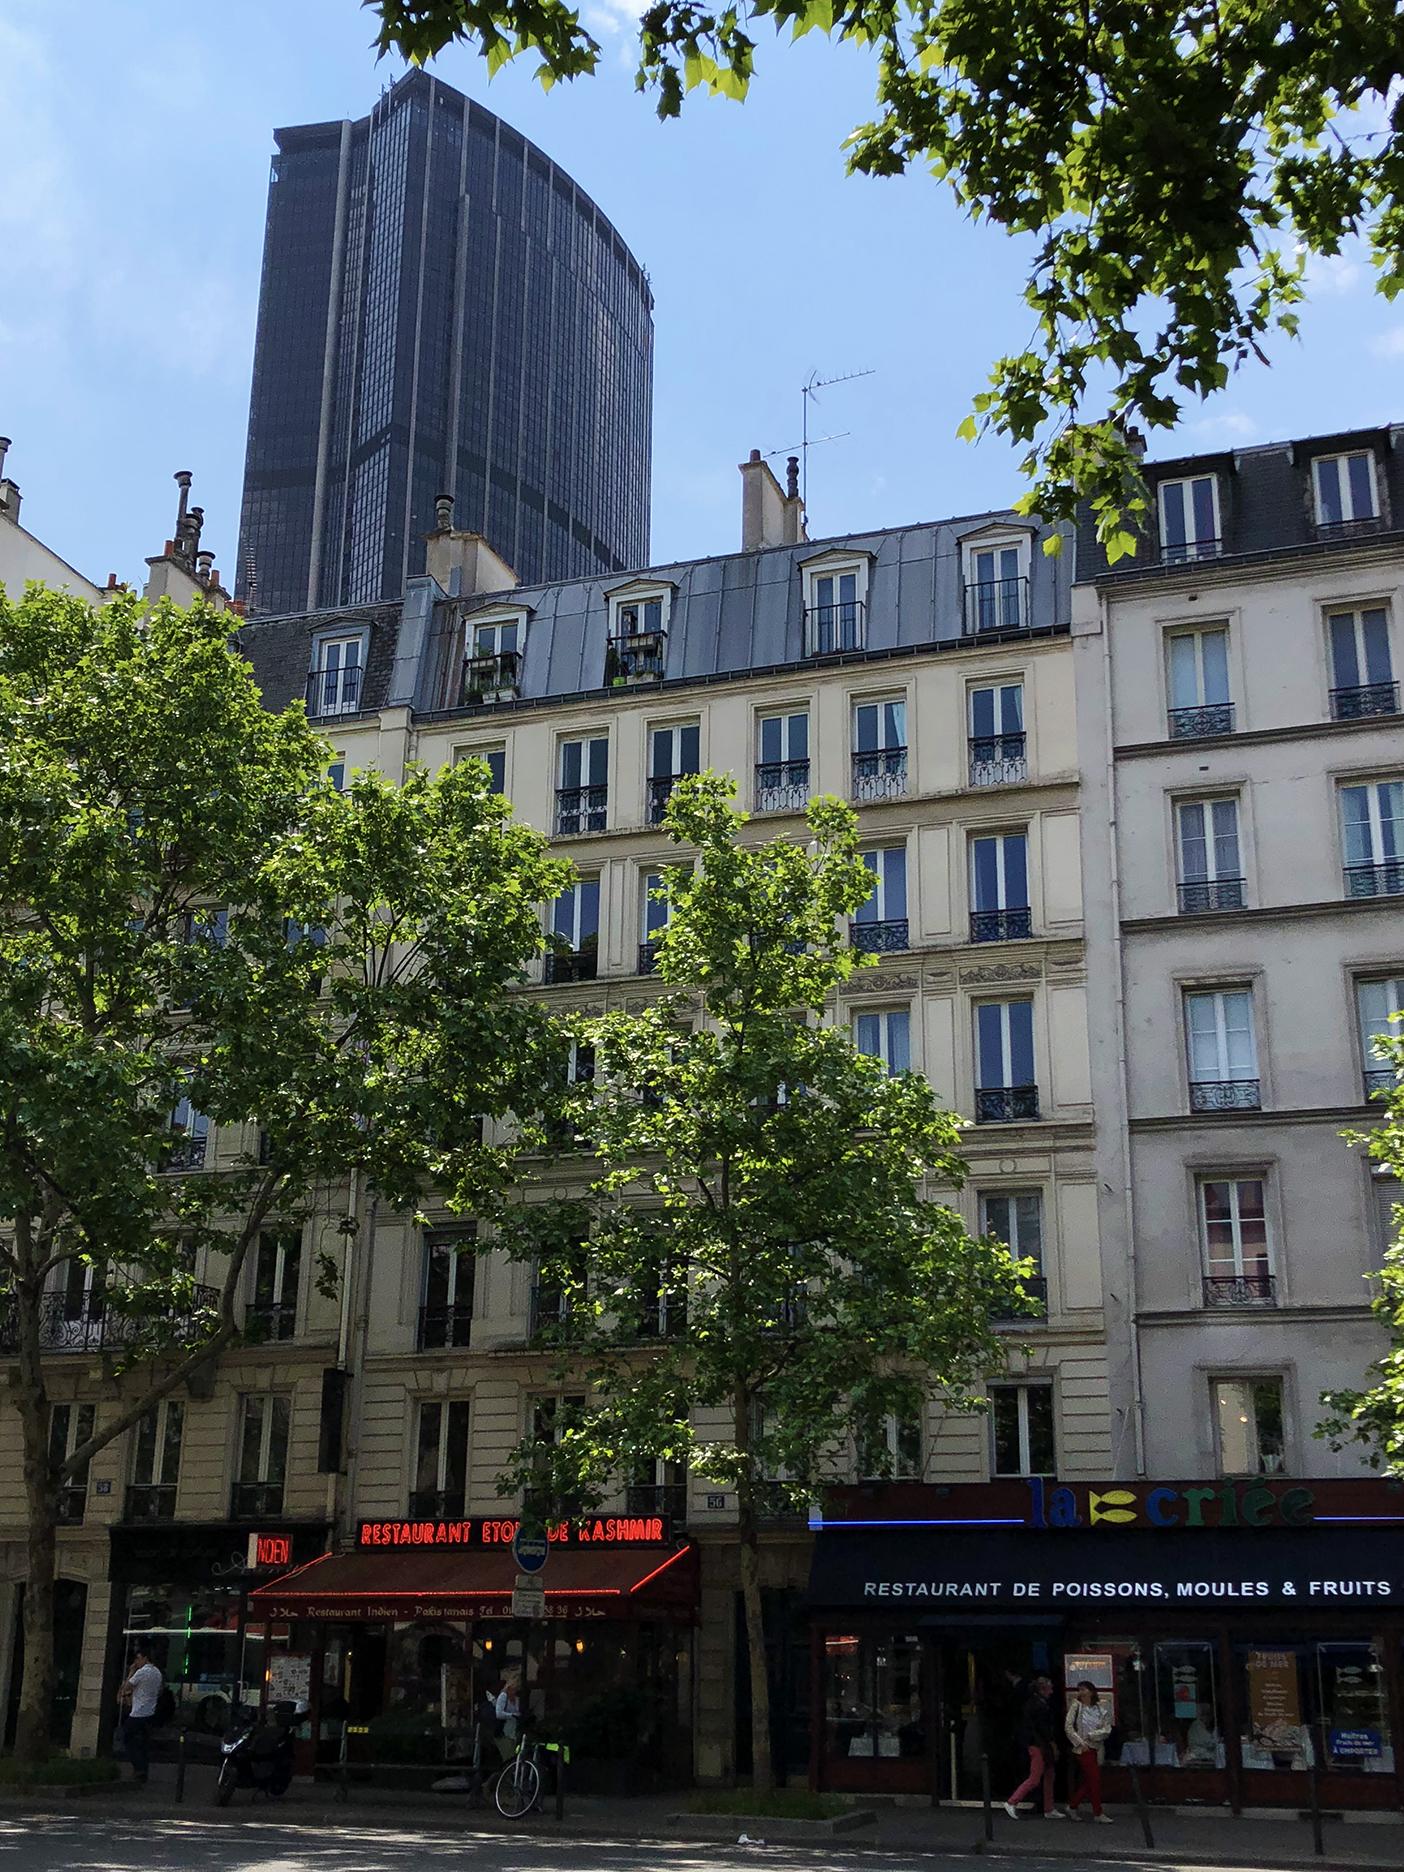 Tour Montparnasse viewed from boulevard du Montparnasse